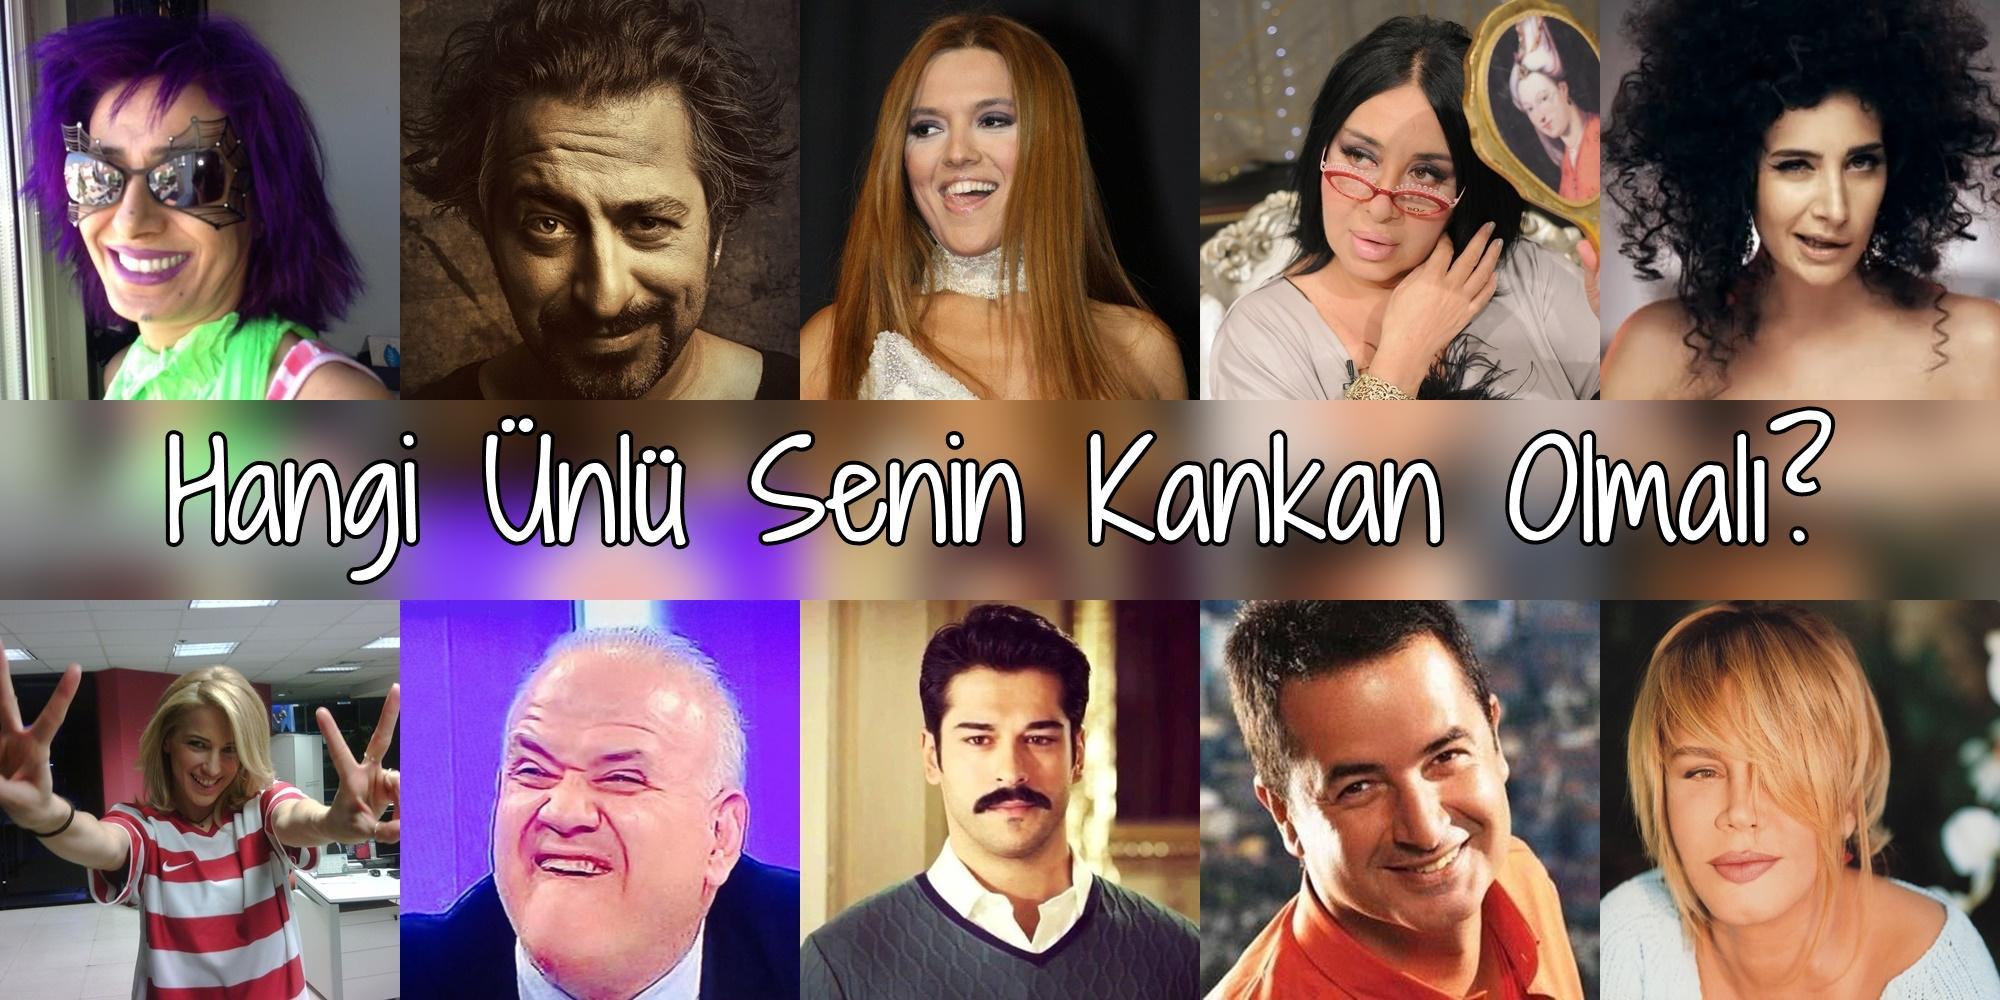 NASIL BİR ARKADAŞSINIZ (TEST)